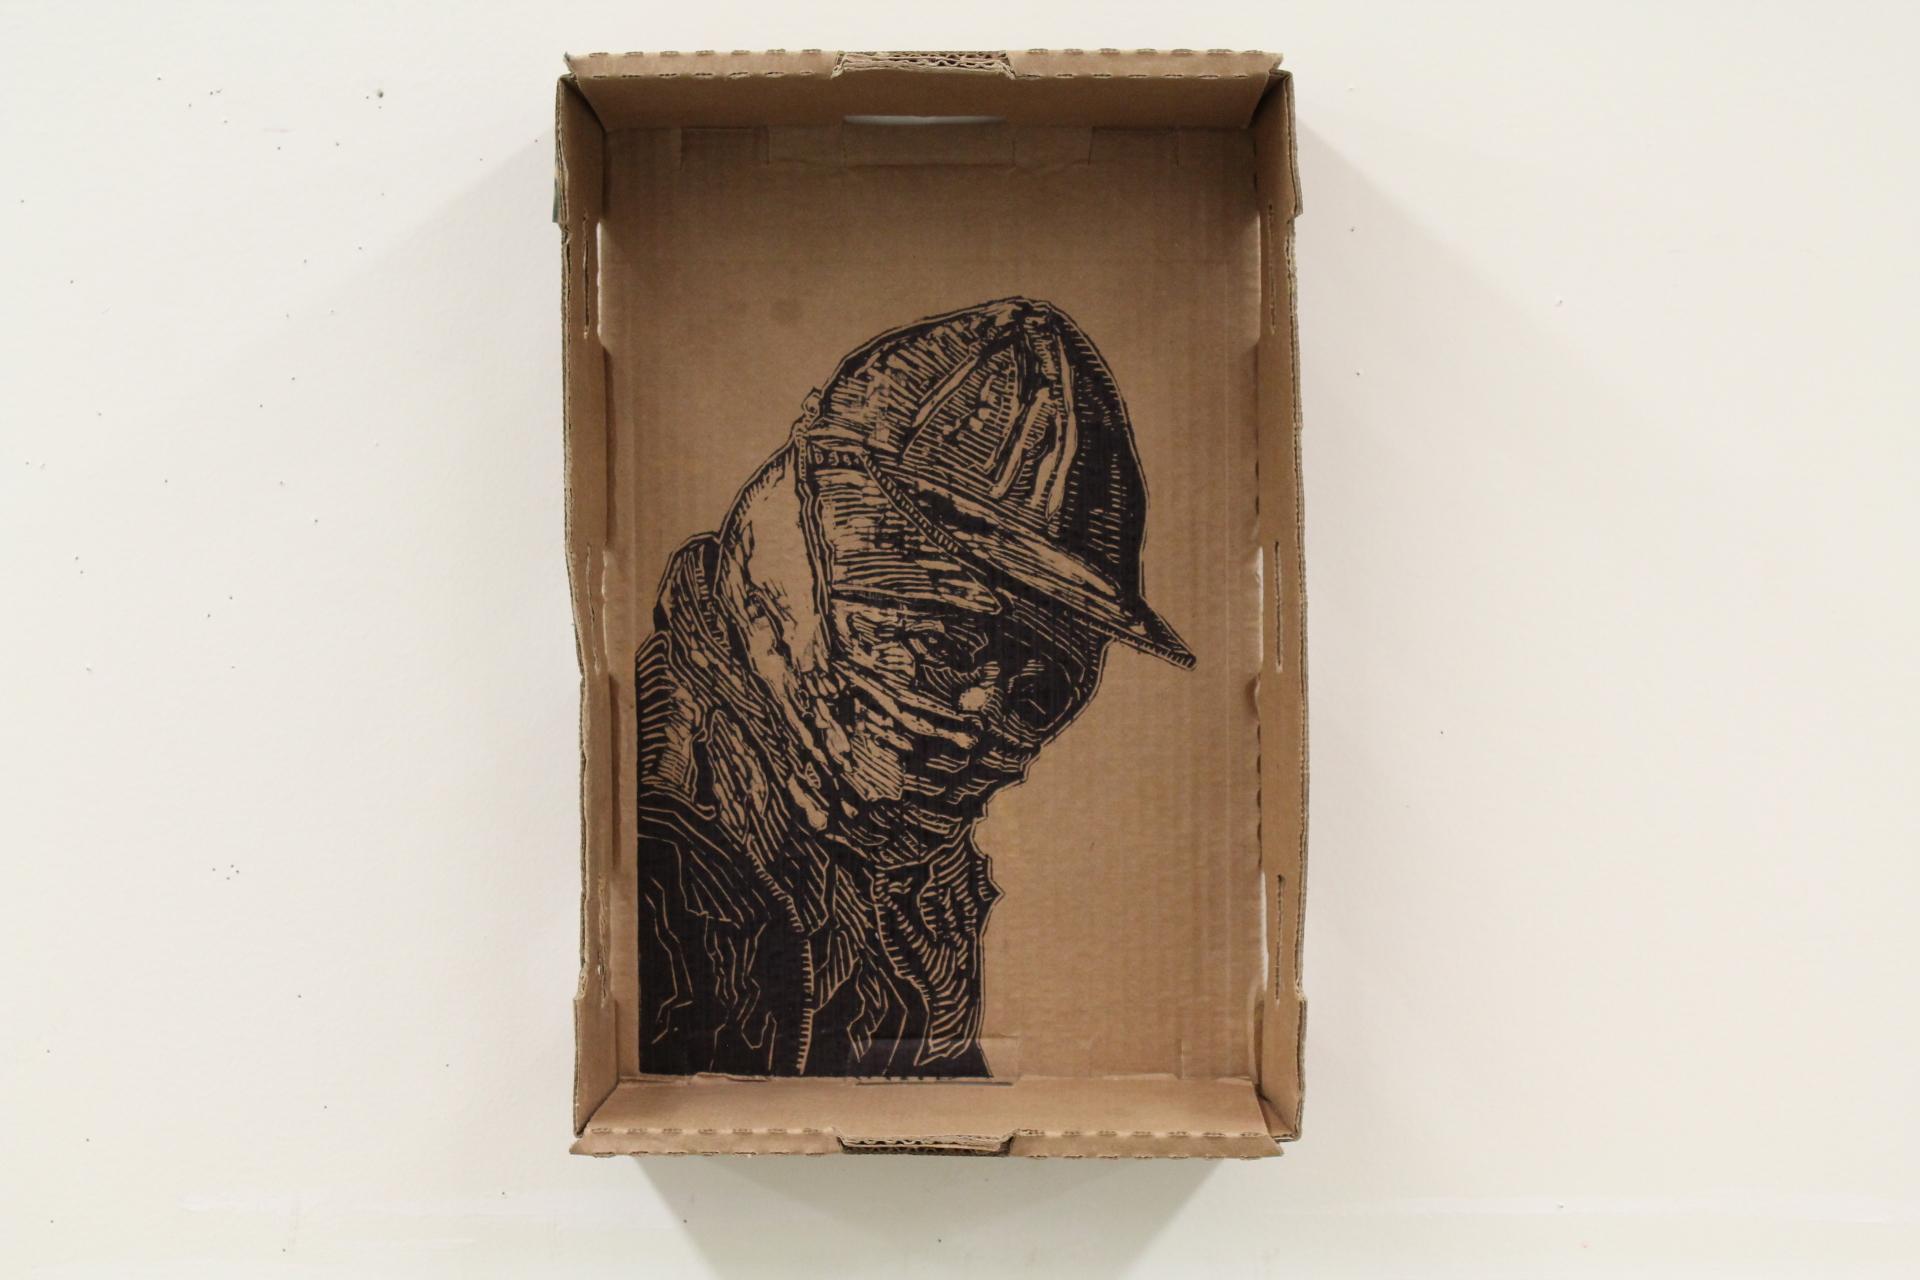 Boxed VI, 2016